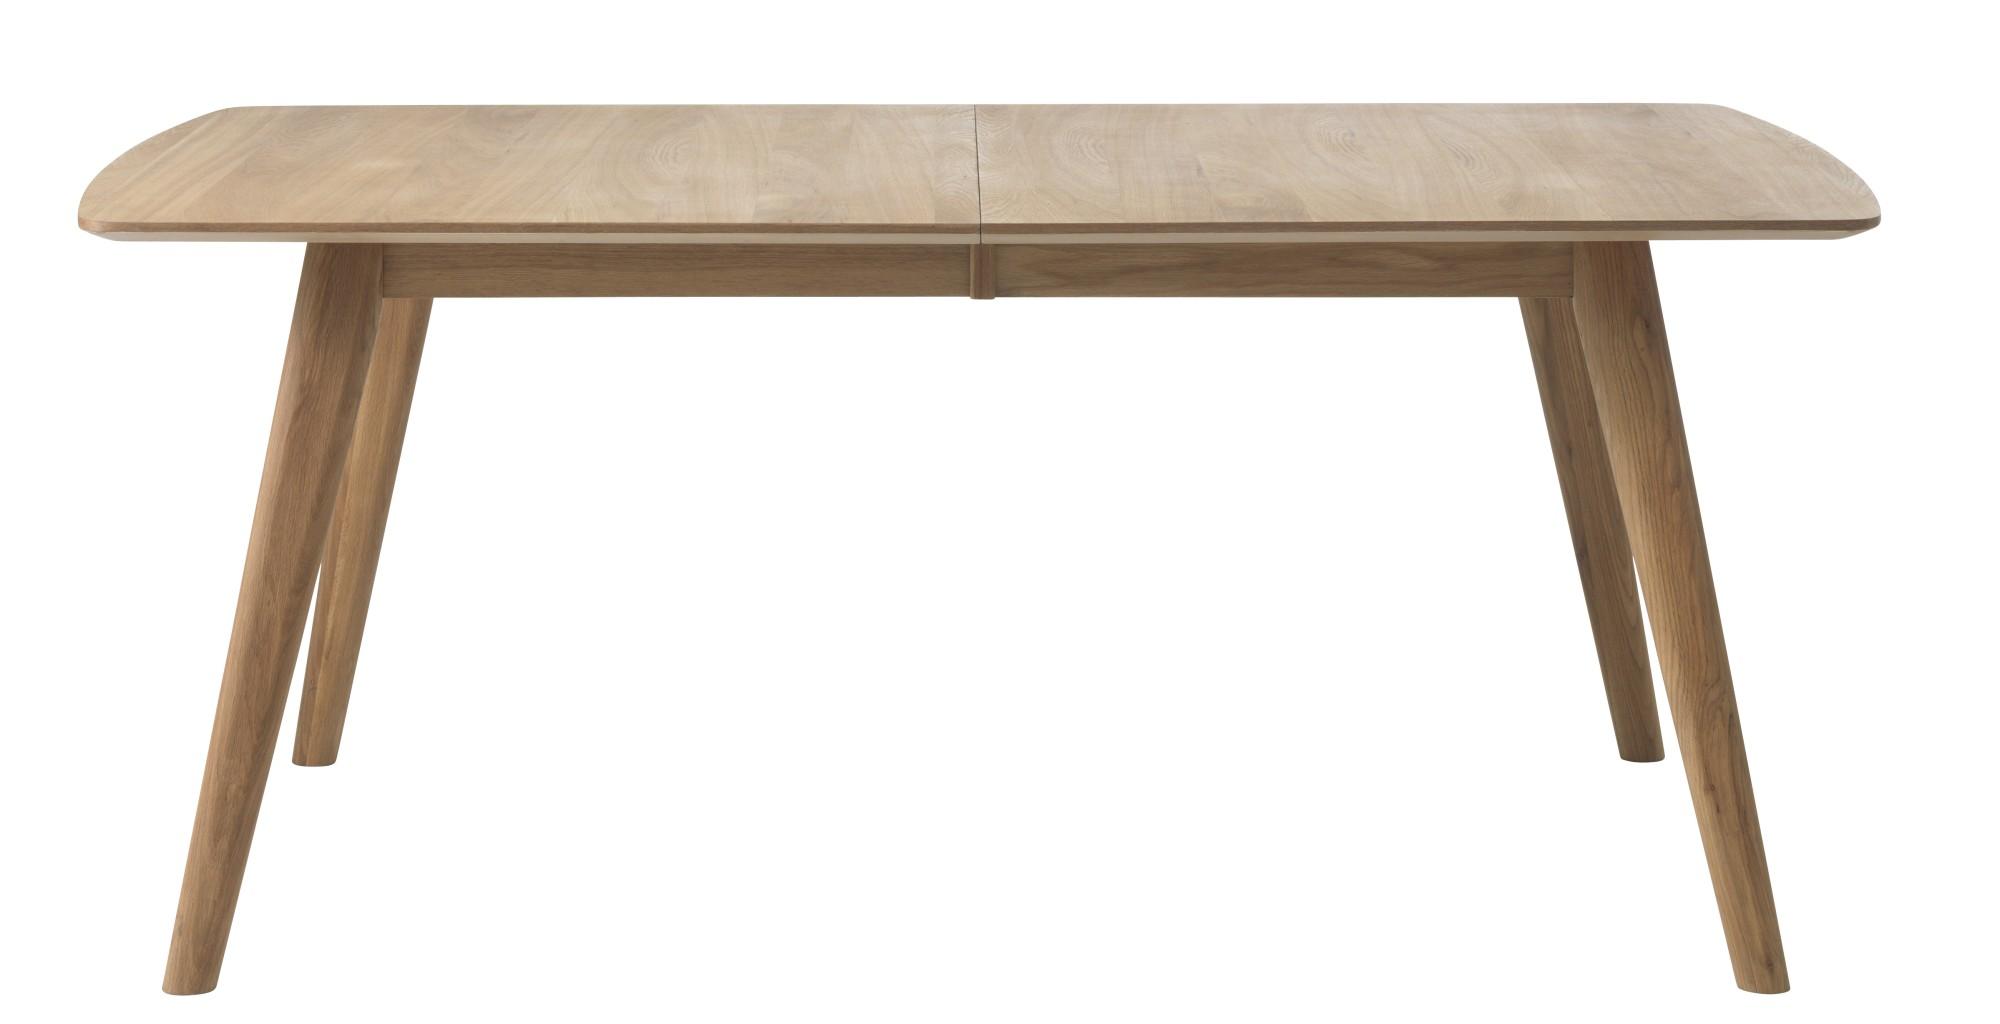 Fantastisch Esszimmertisch Rhoda 90x150/240 Küchentisch Esstisch Holz Tisch Ausziehbar